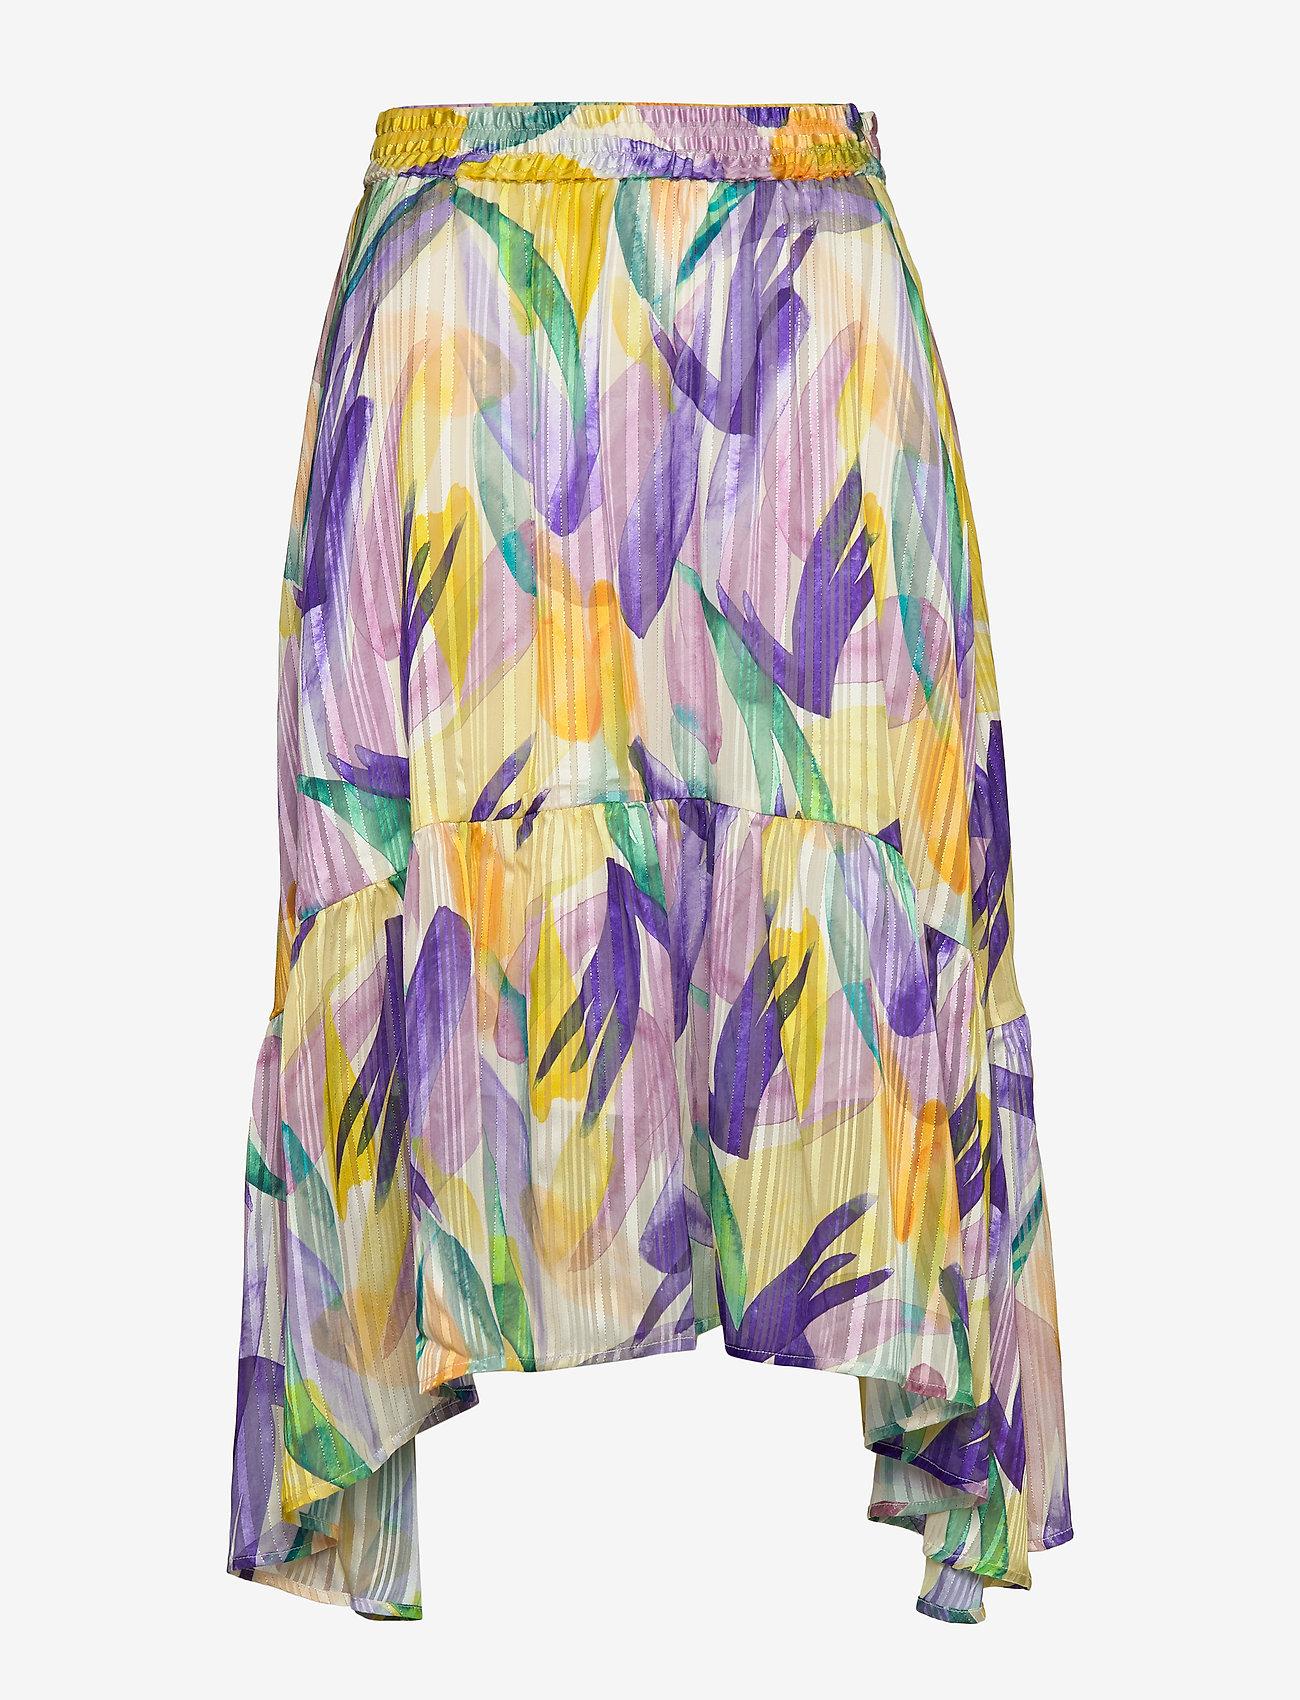 Lemonkb Skirt (Mauve Shadows) - Karen By Simonsen nw7end